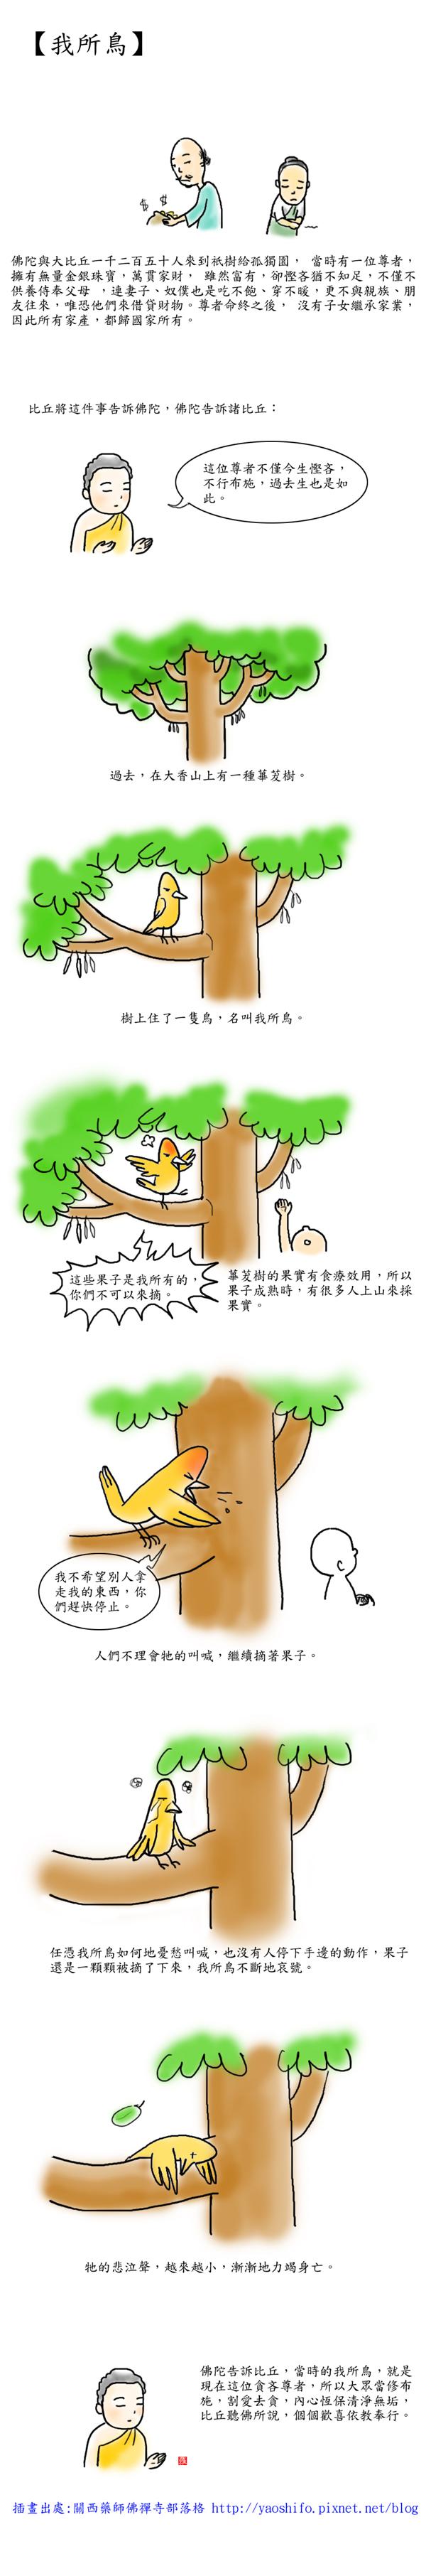 我所鳥.jpg